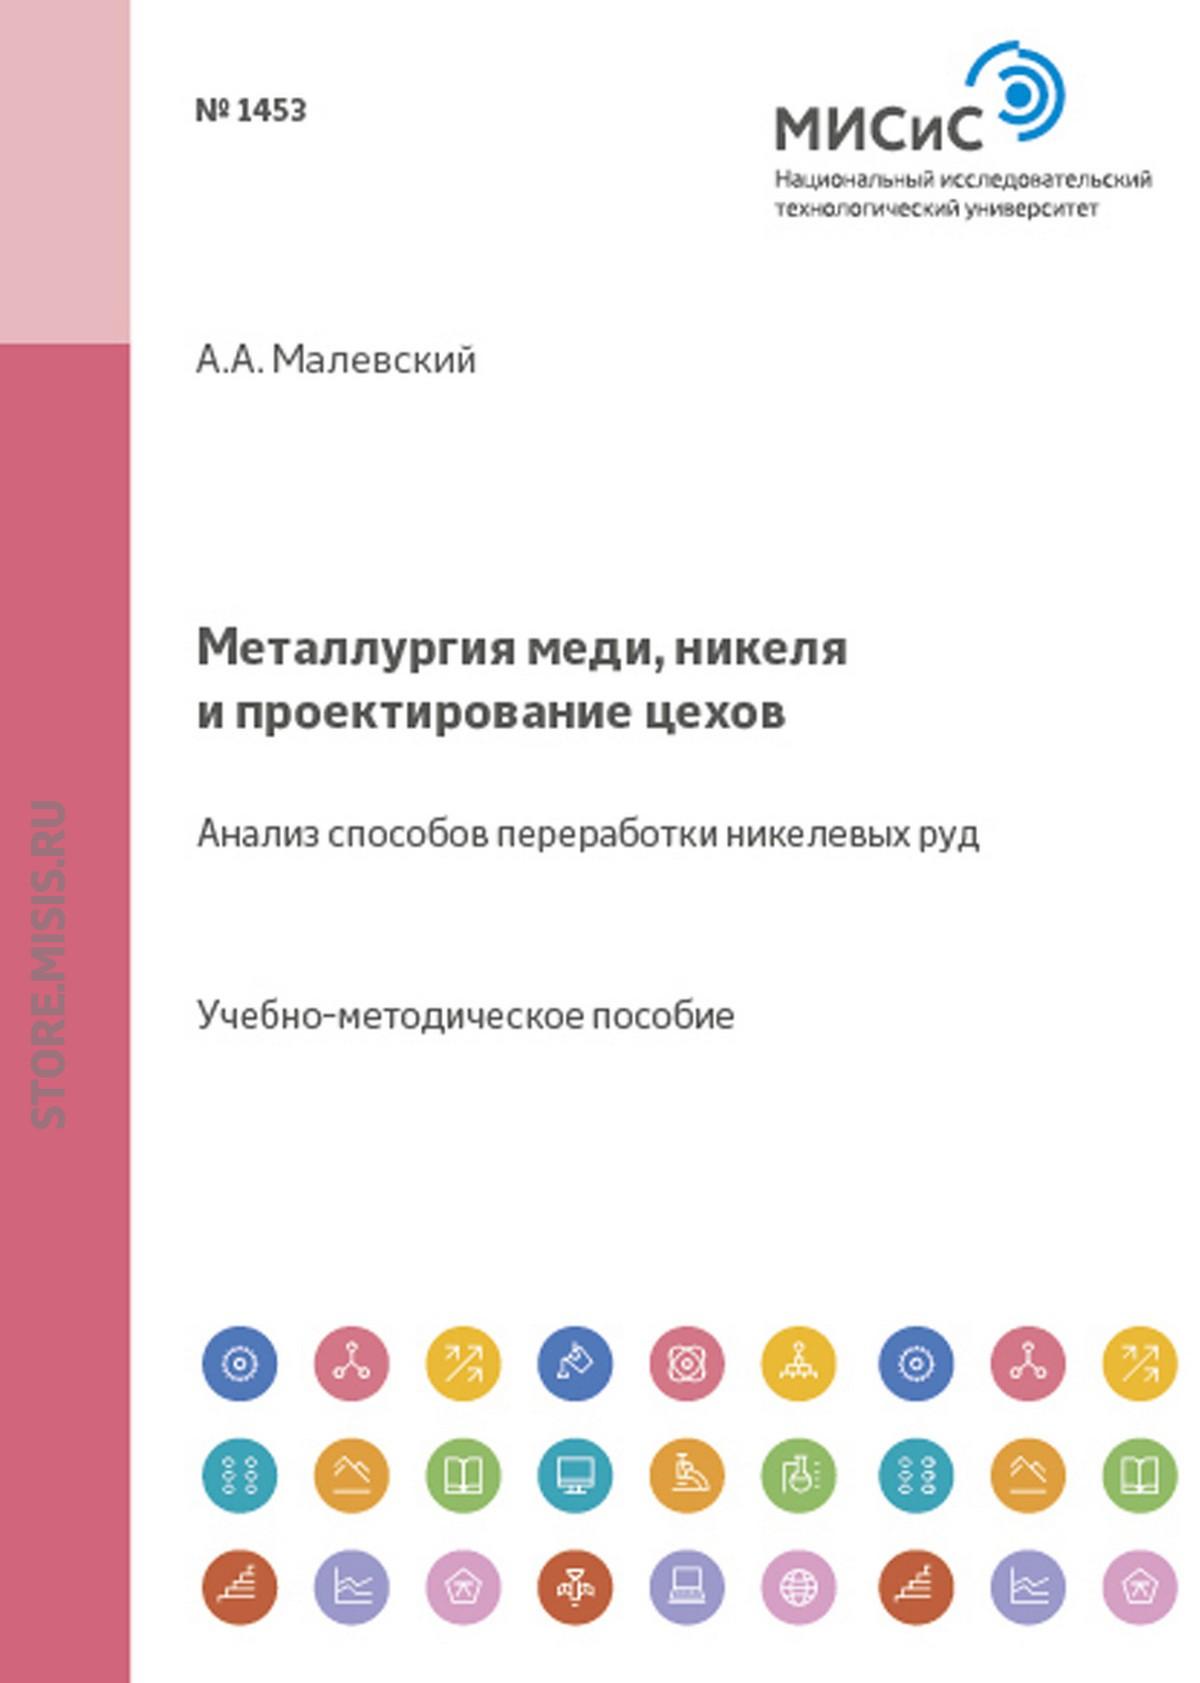 Алексей Малевский Металлургия меди, никеля и проектирование цехов. Анализ способов переработки никелевых руд